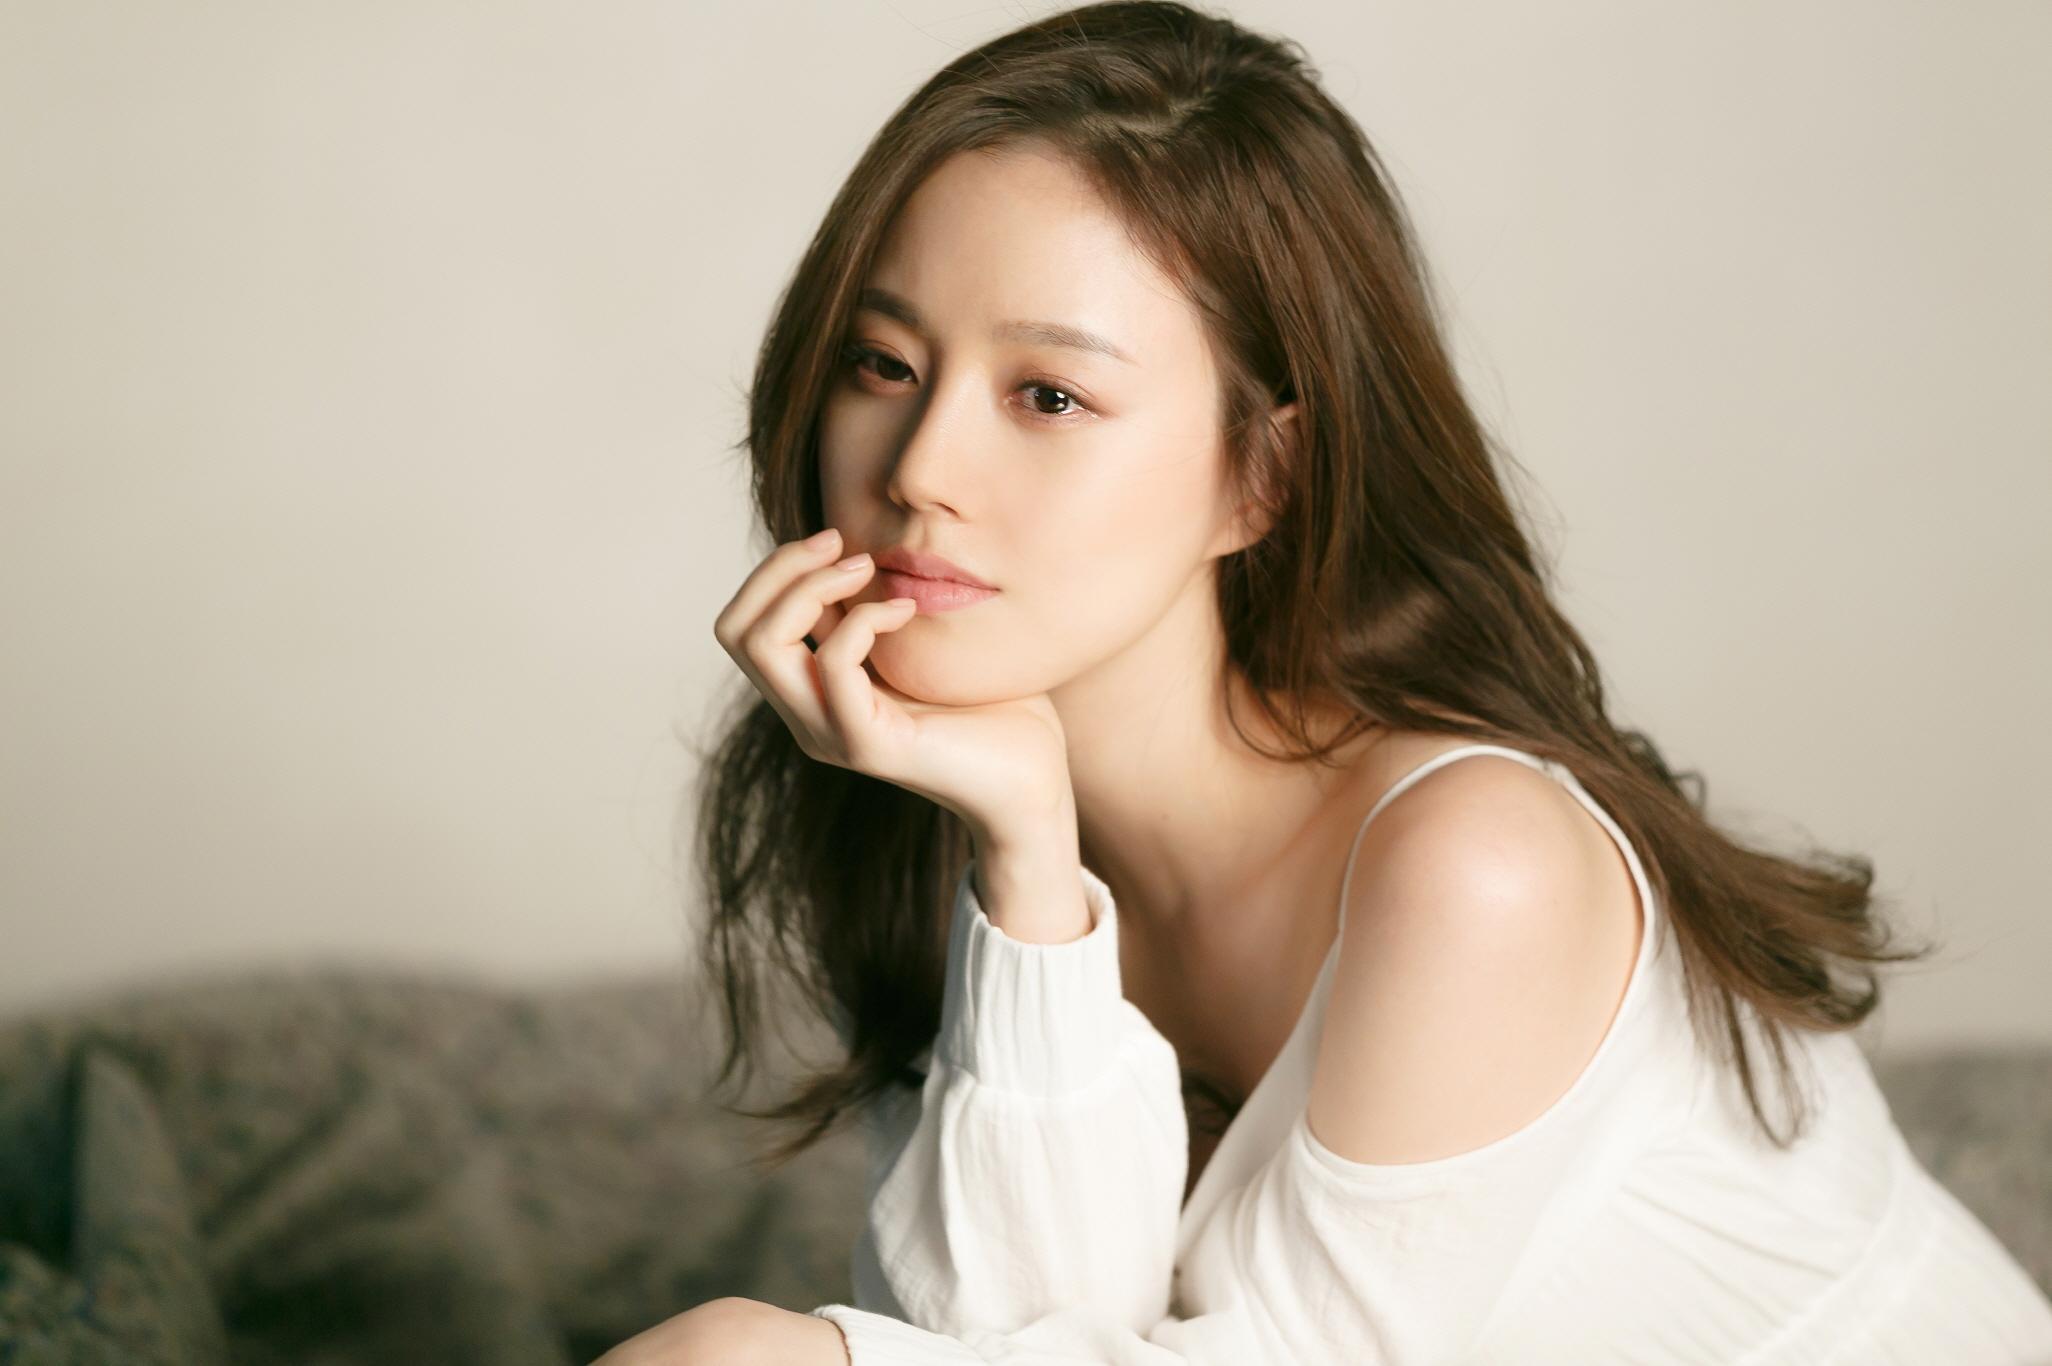 'Nàng Juliet của điện ảnh xứ Hàn' Moon Chae Won.